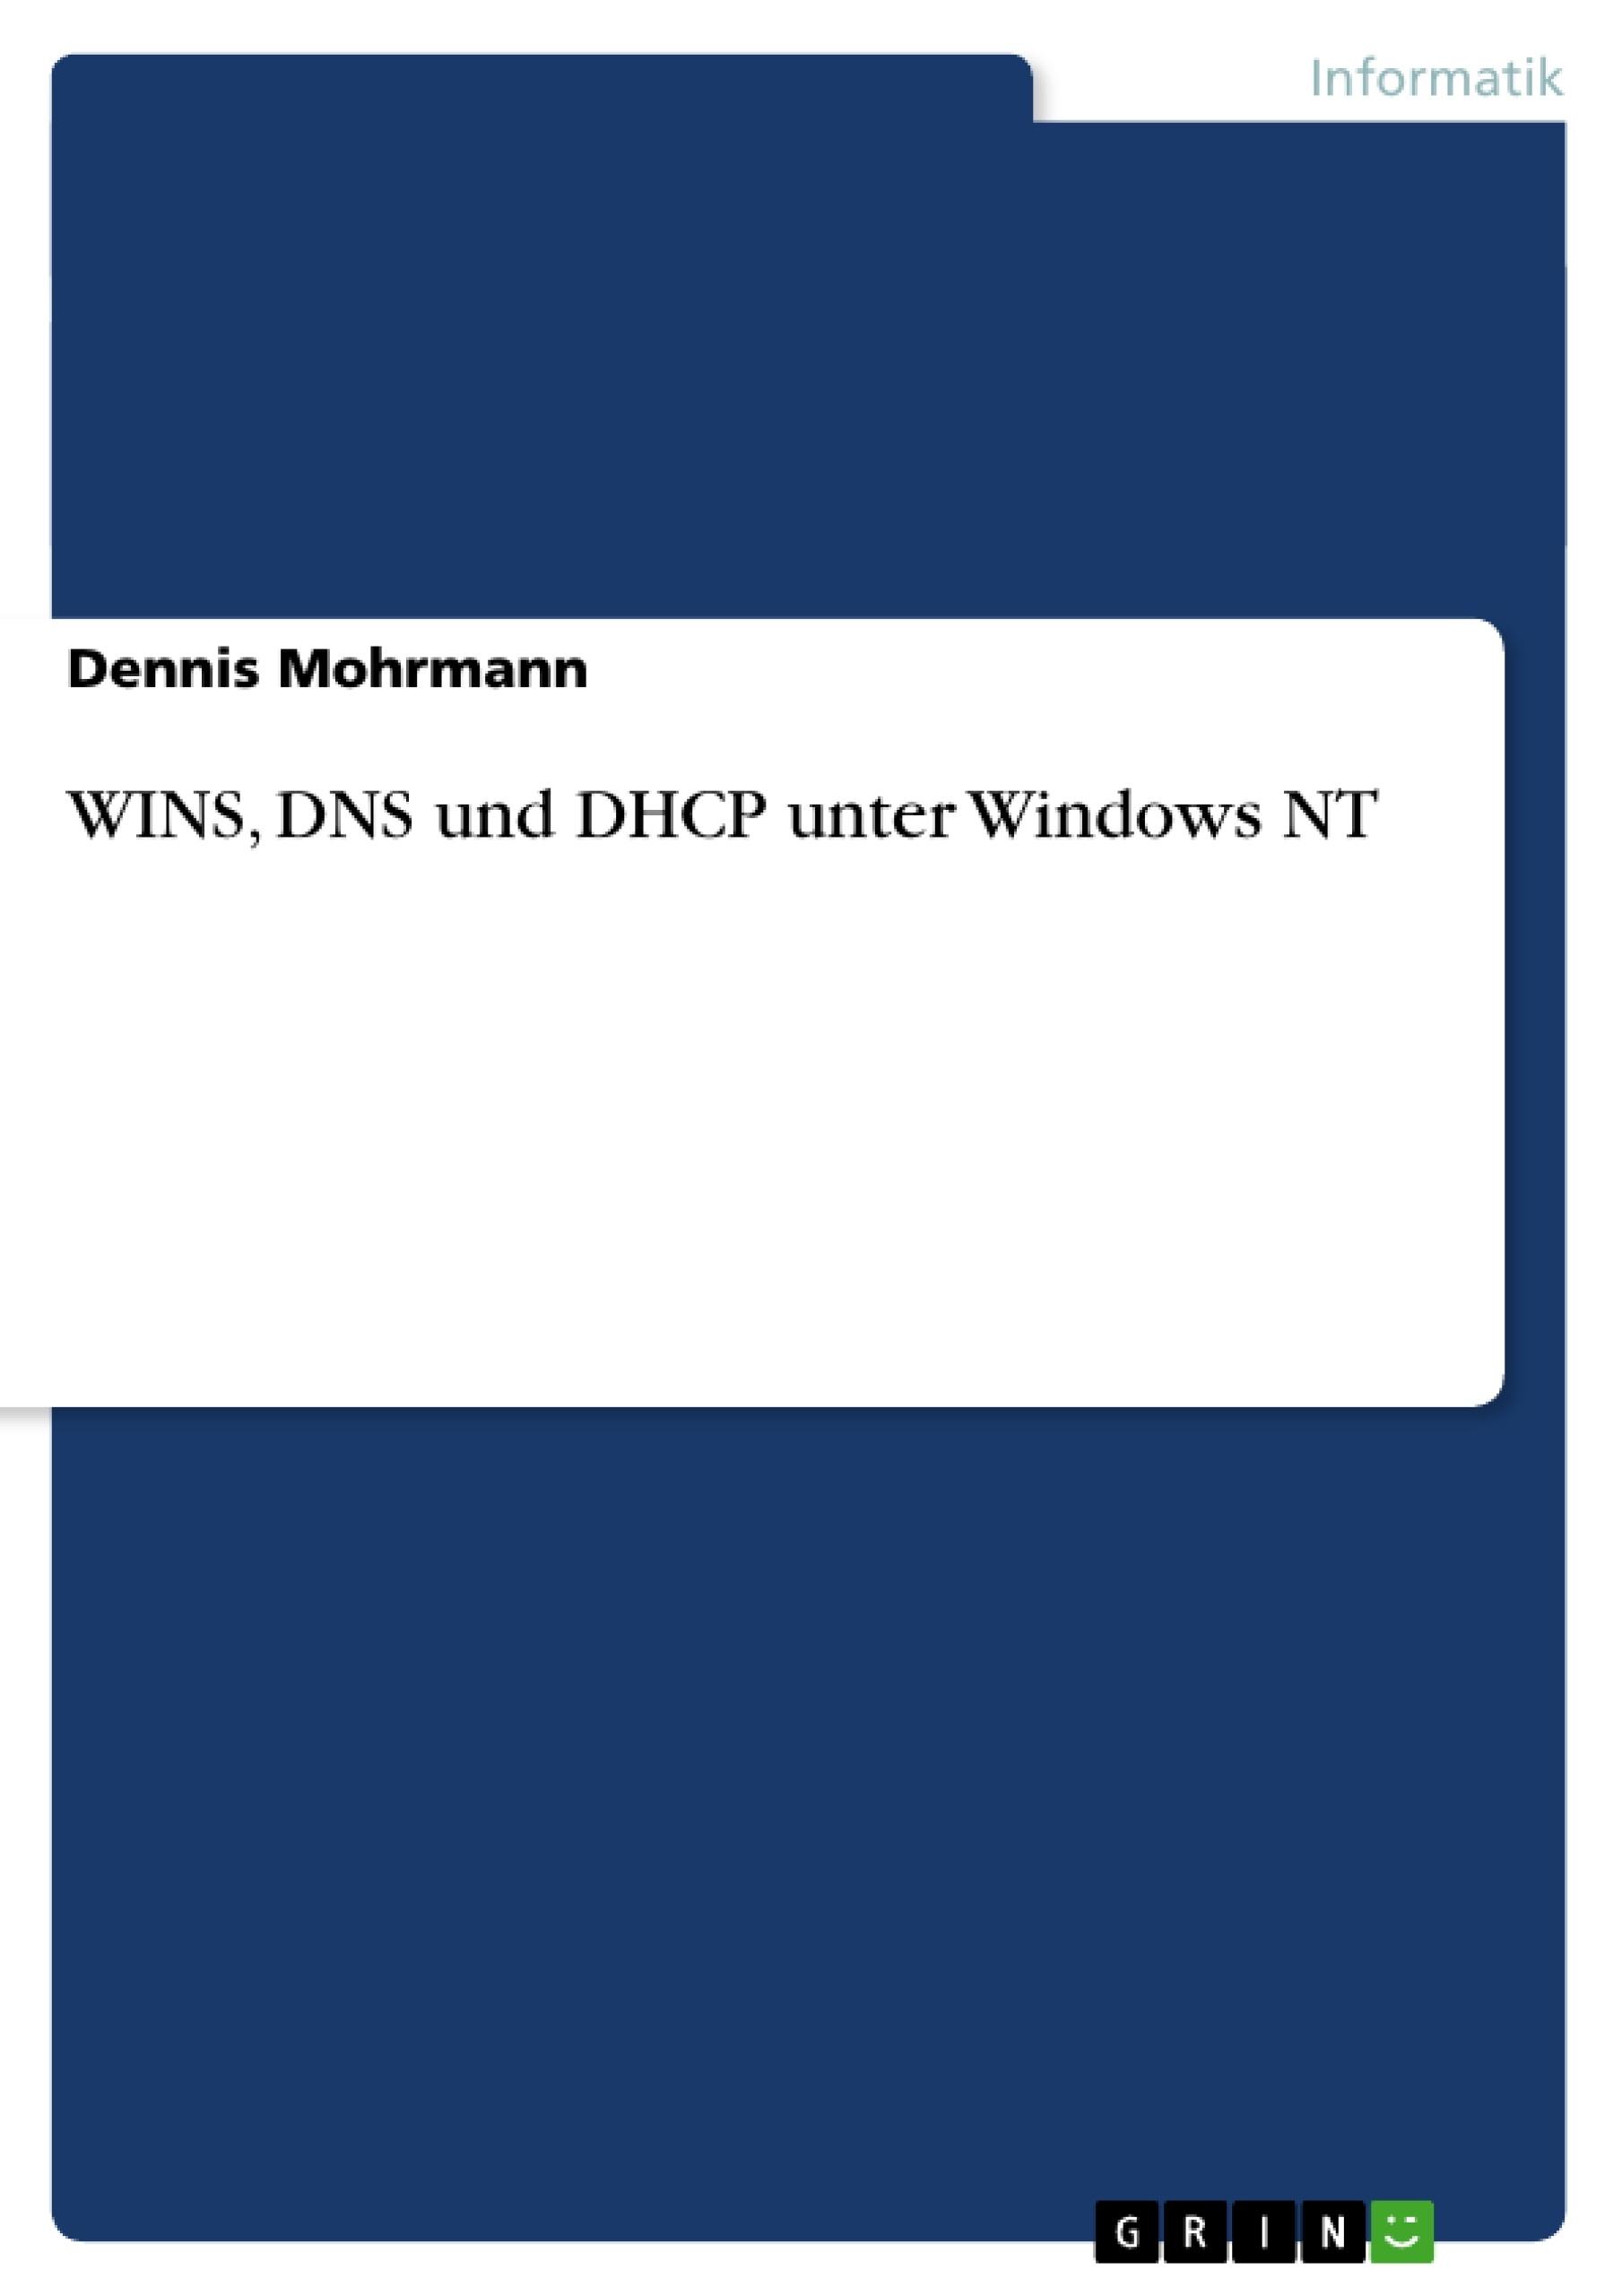 Titel: WINS, DNS und DHCP unter Windows NT